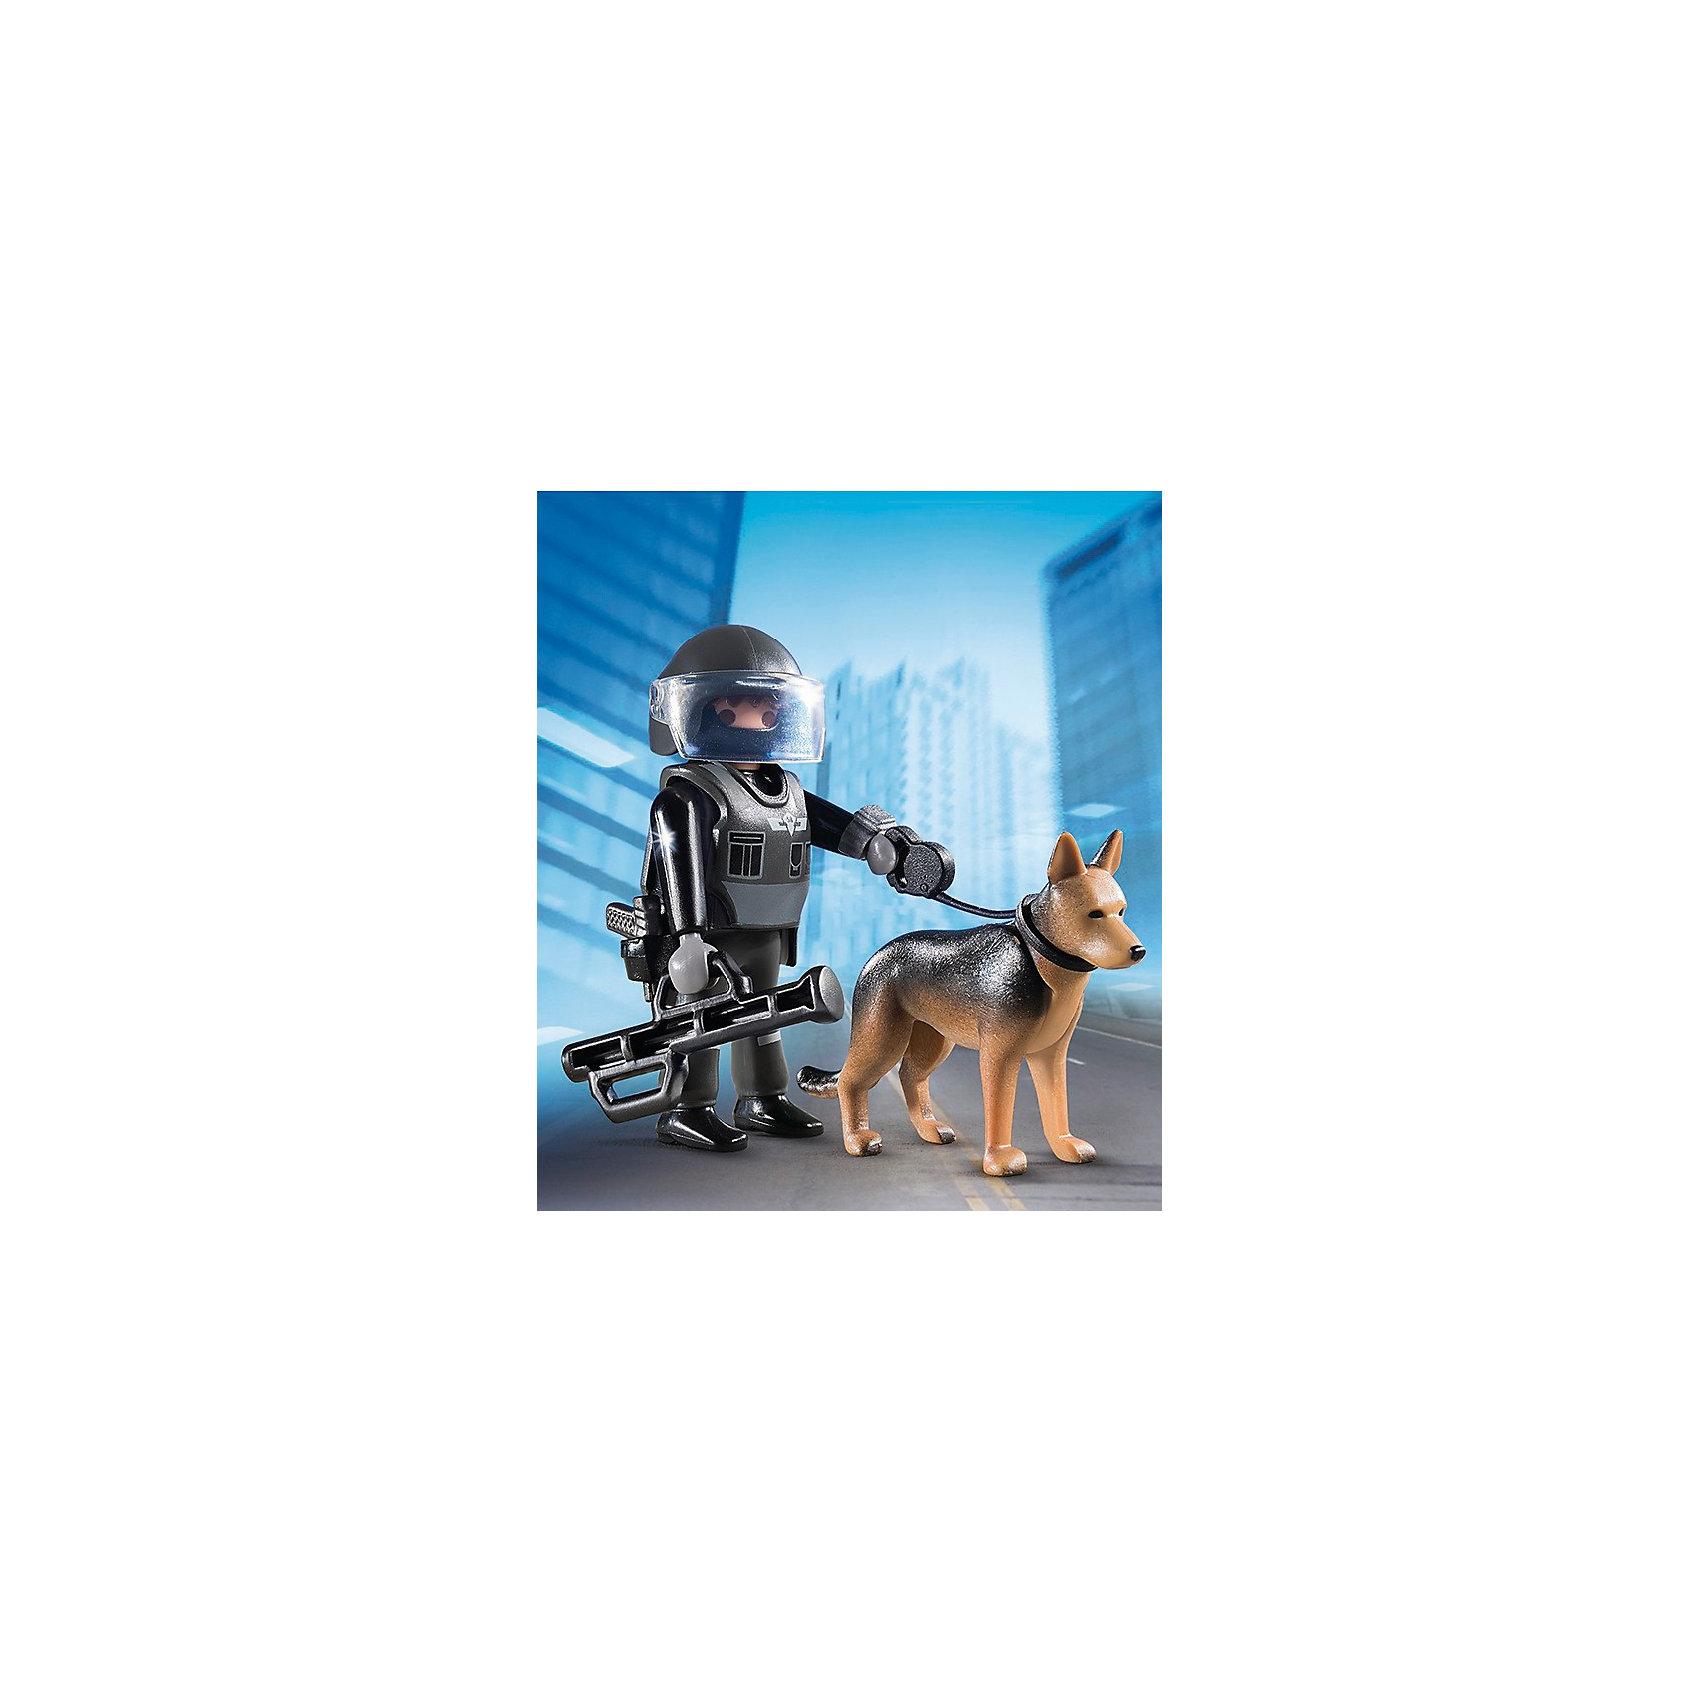 PLAYMOBIL® Экстра-набор: Полицейский спецназовец с собакой, PLAYMOBIL playmobil® экстра набор сёрфингист с доской playmobil